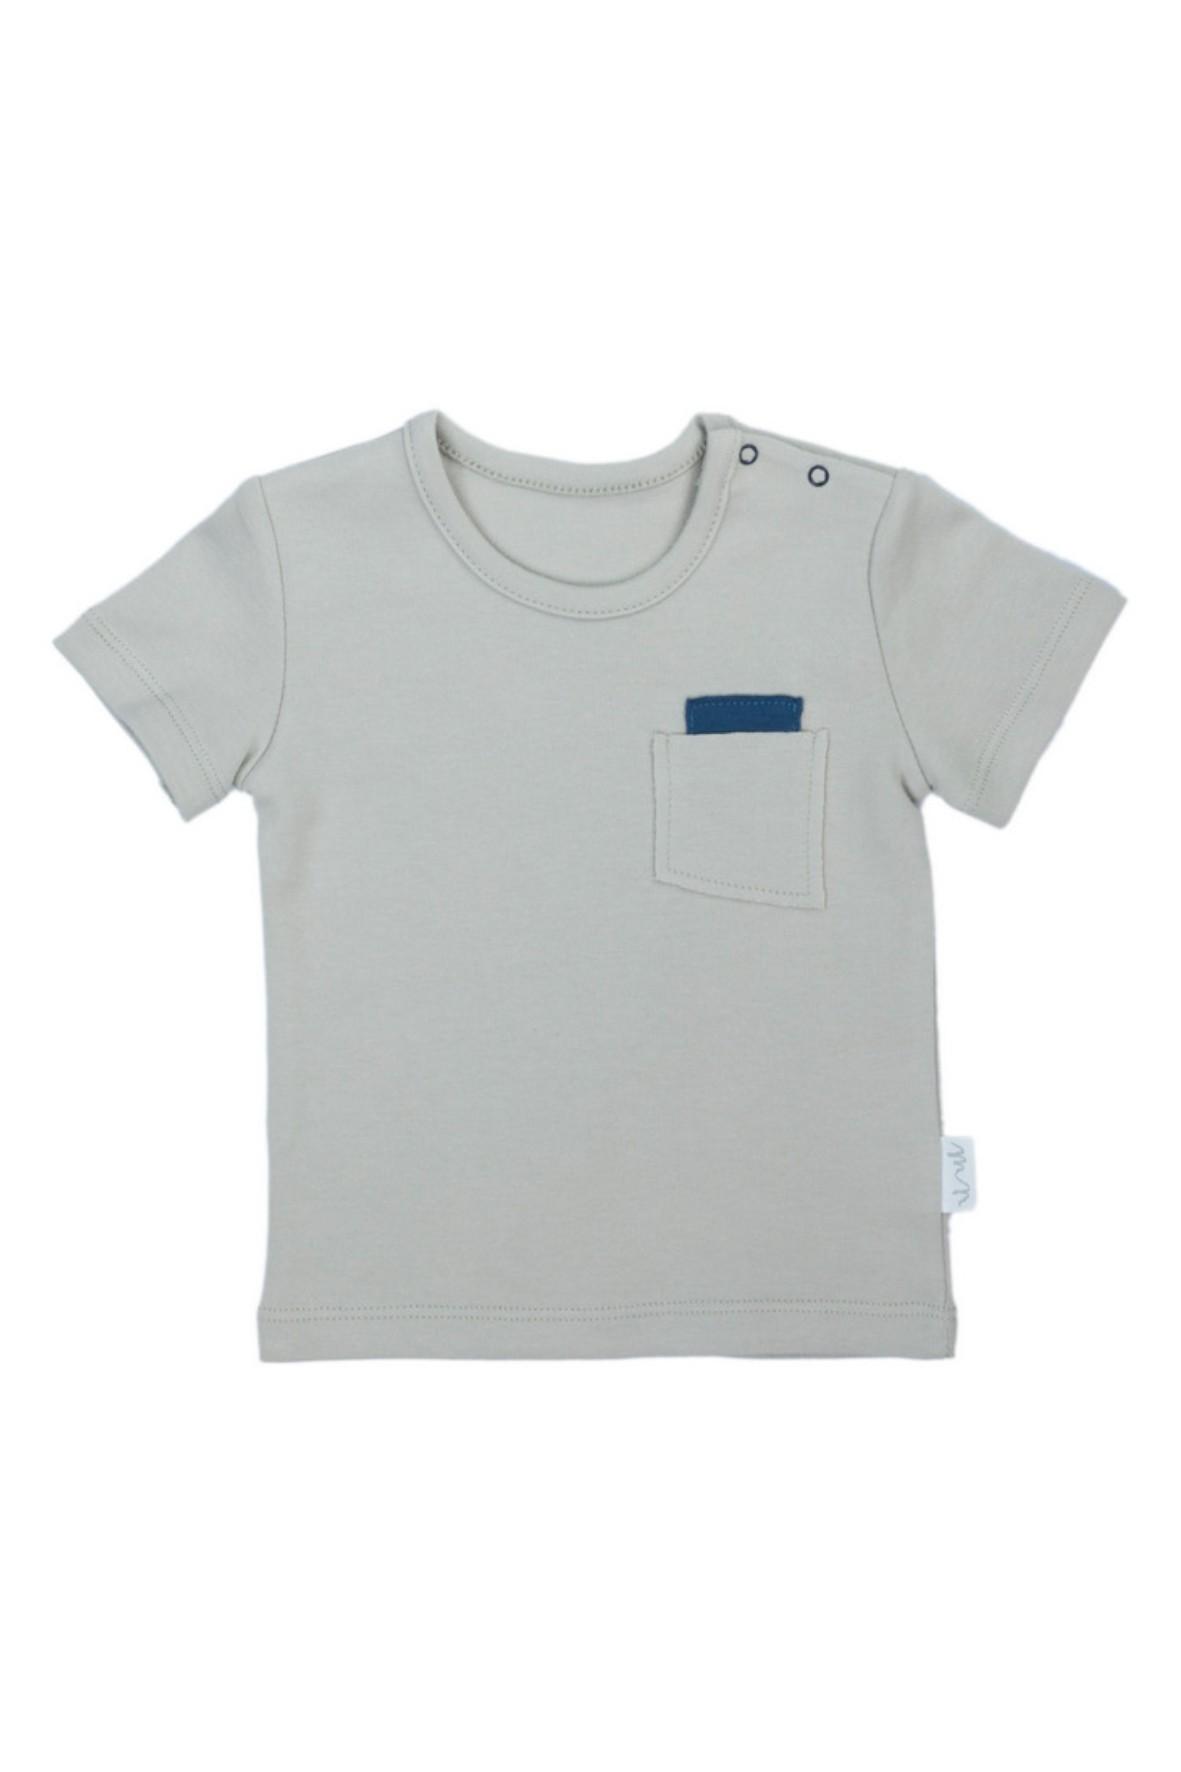 Koszulka chłopięca na lato z ozdobną kieszonką